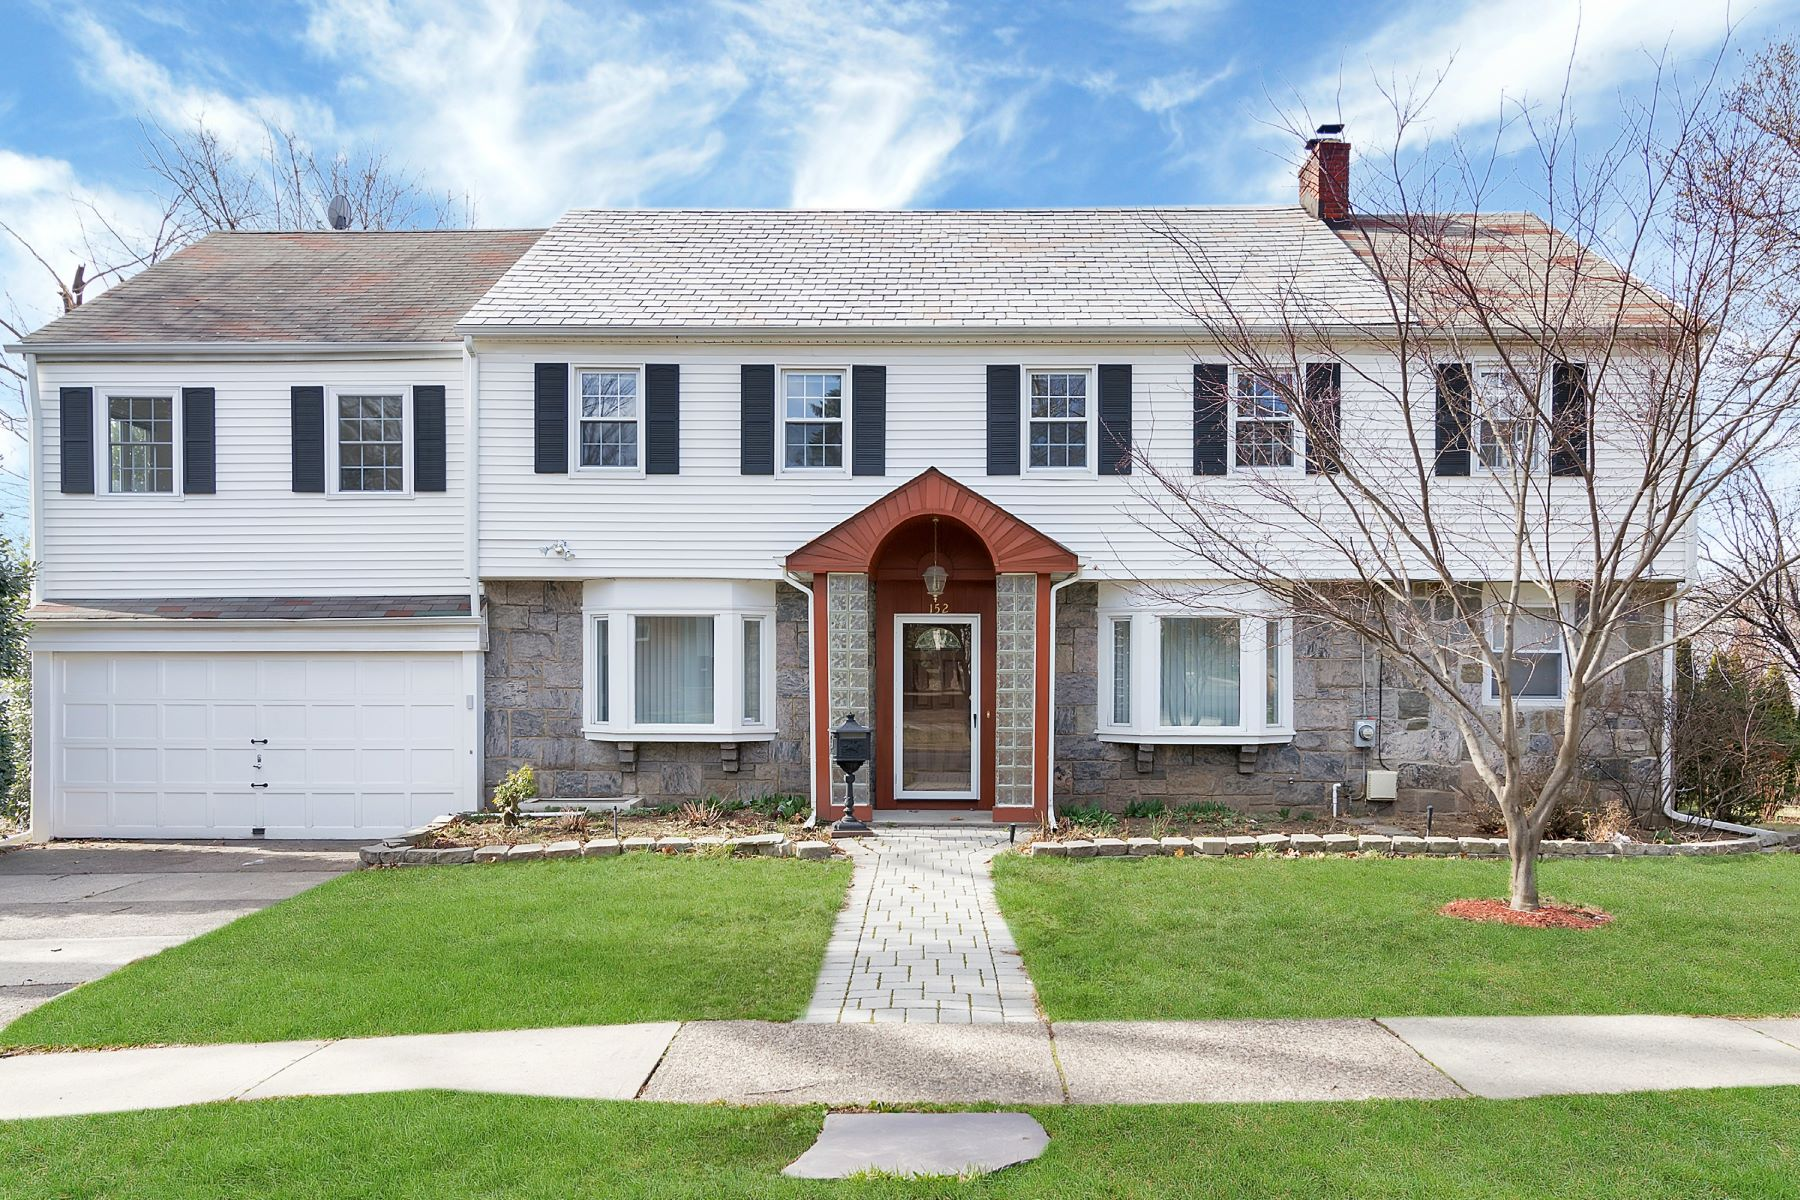 独户住宅 为 销售 在 Welcome Home! 152 Grayson Place 蒂内克市, 新泽西州 07666 美国